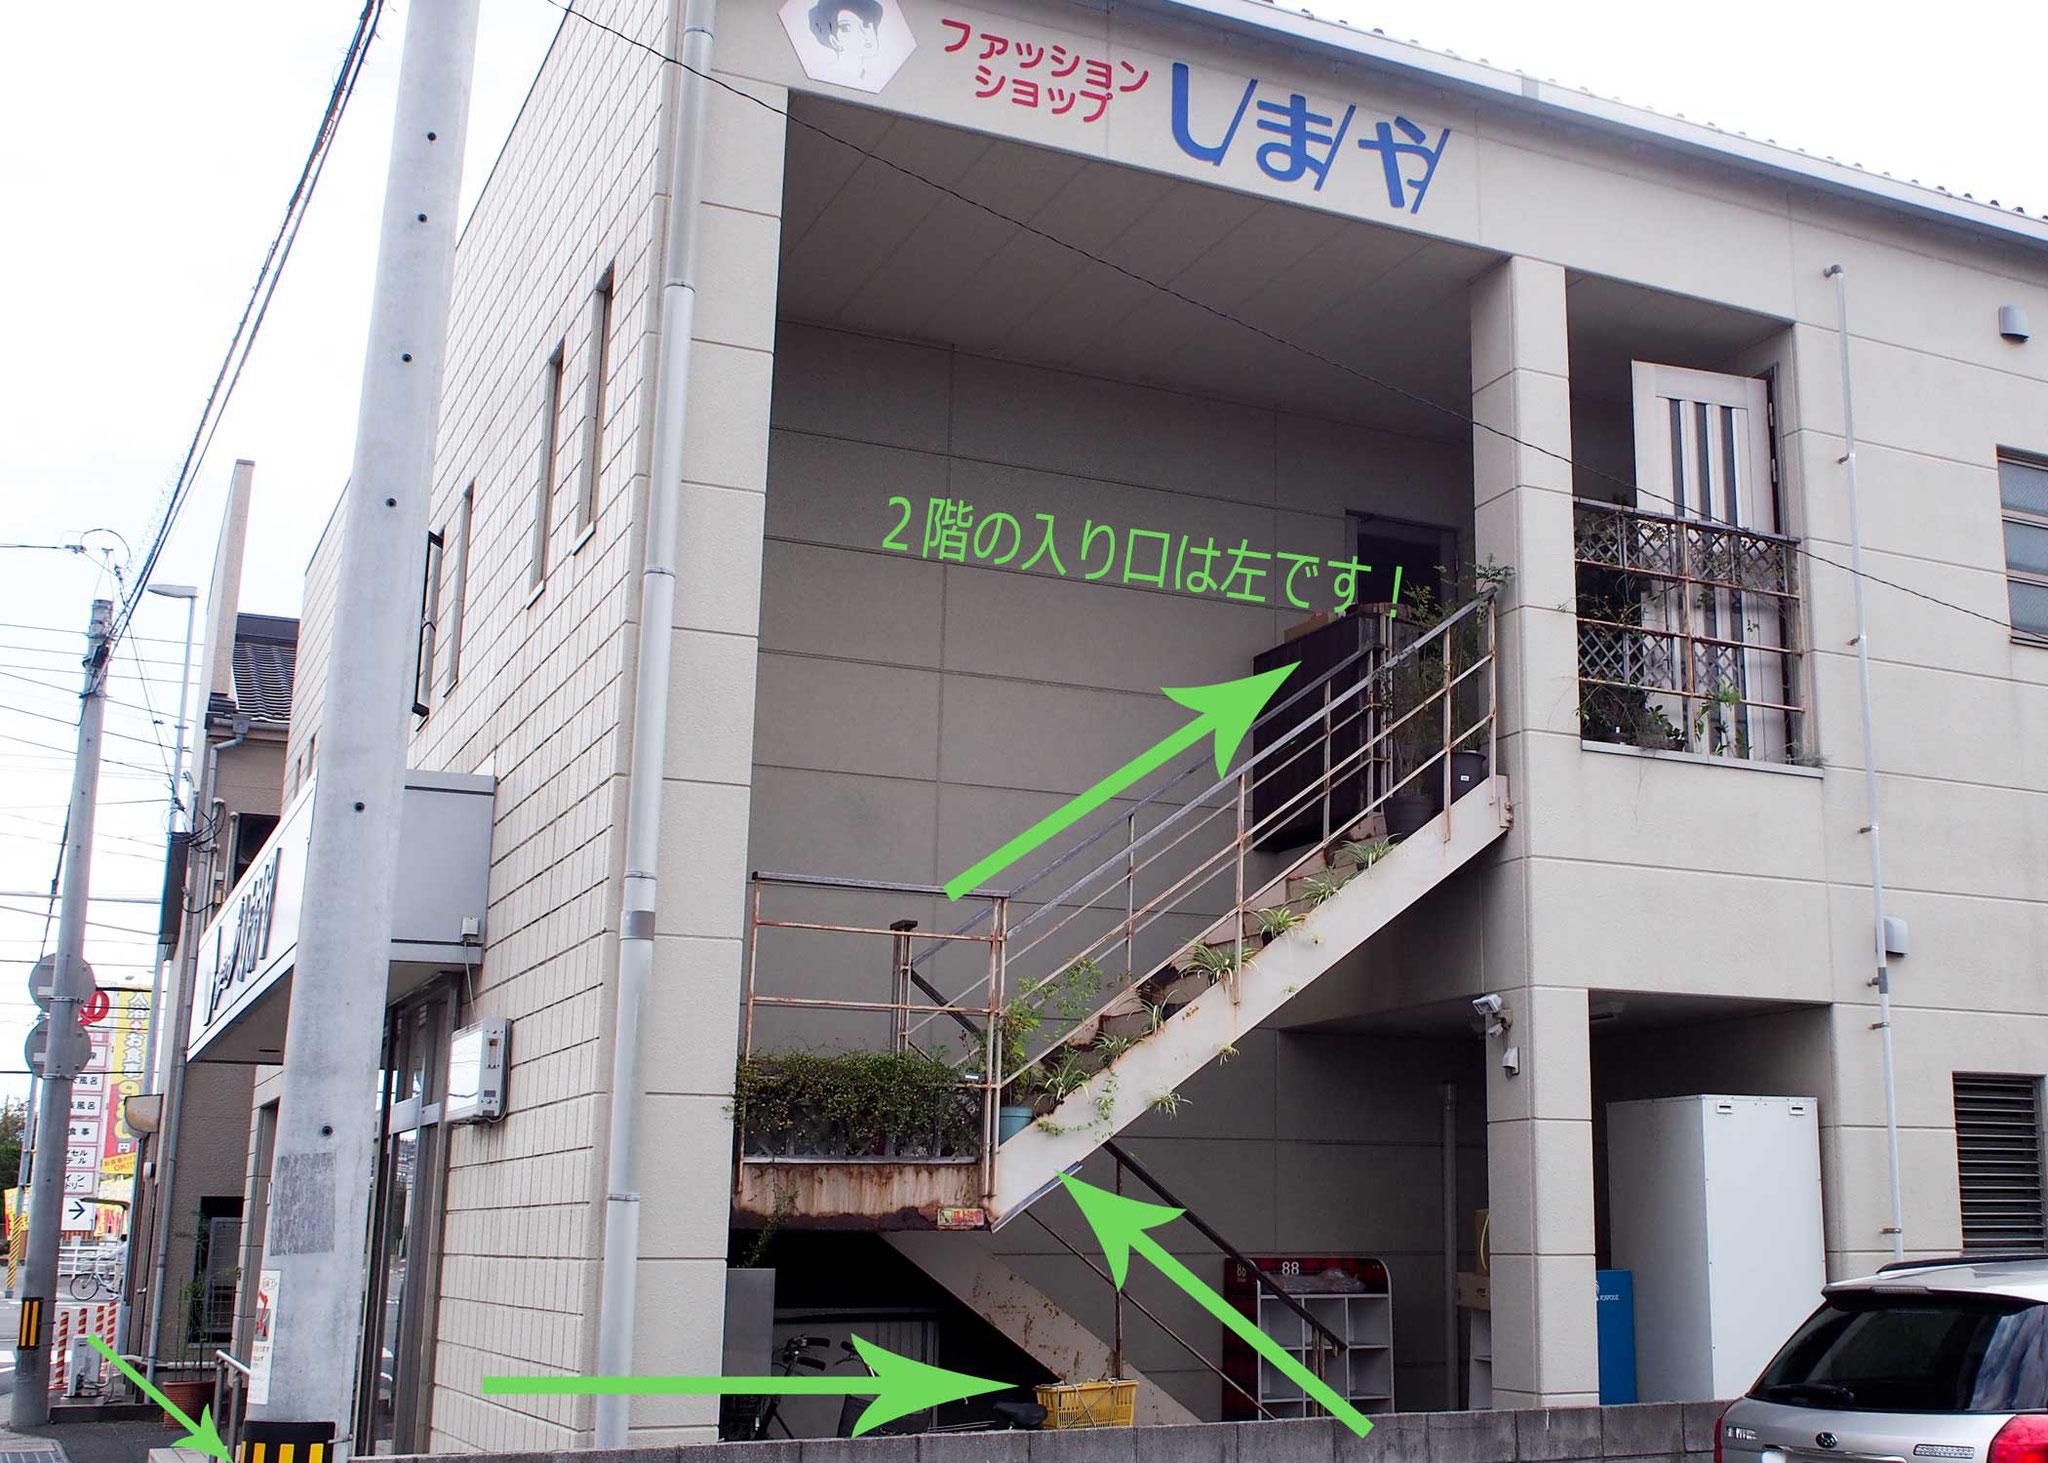 正面右に曲がって階段を上がった2Fです。